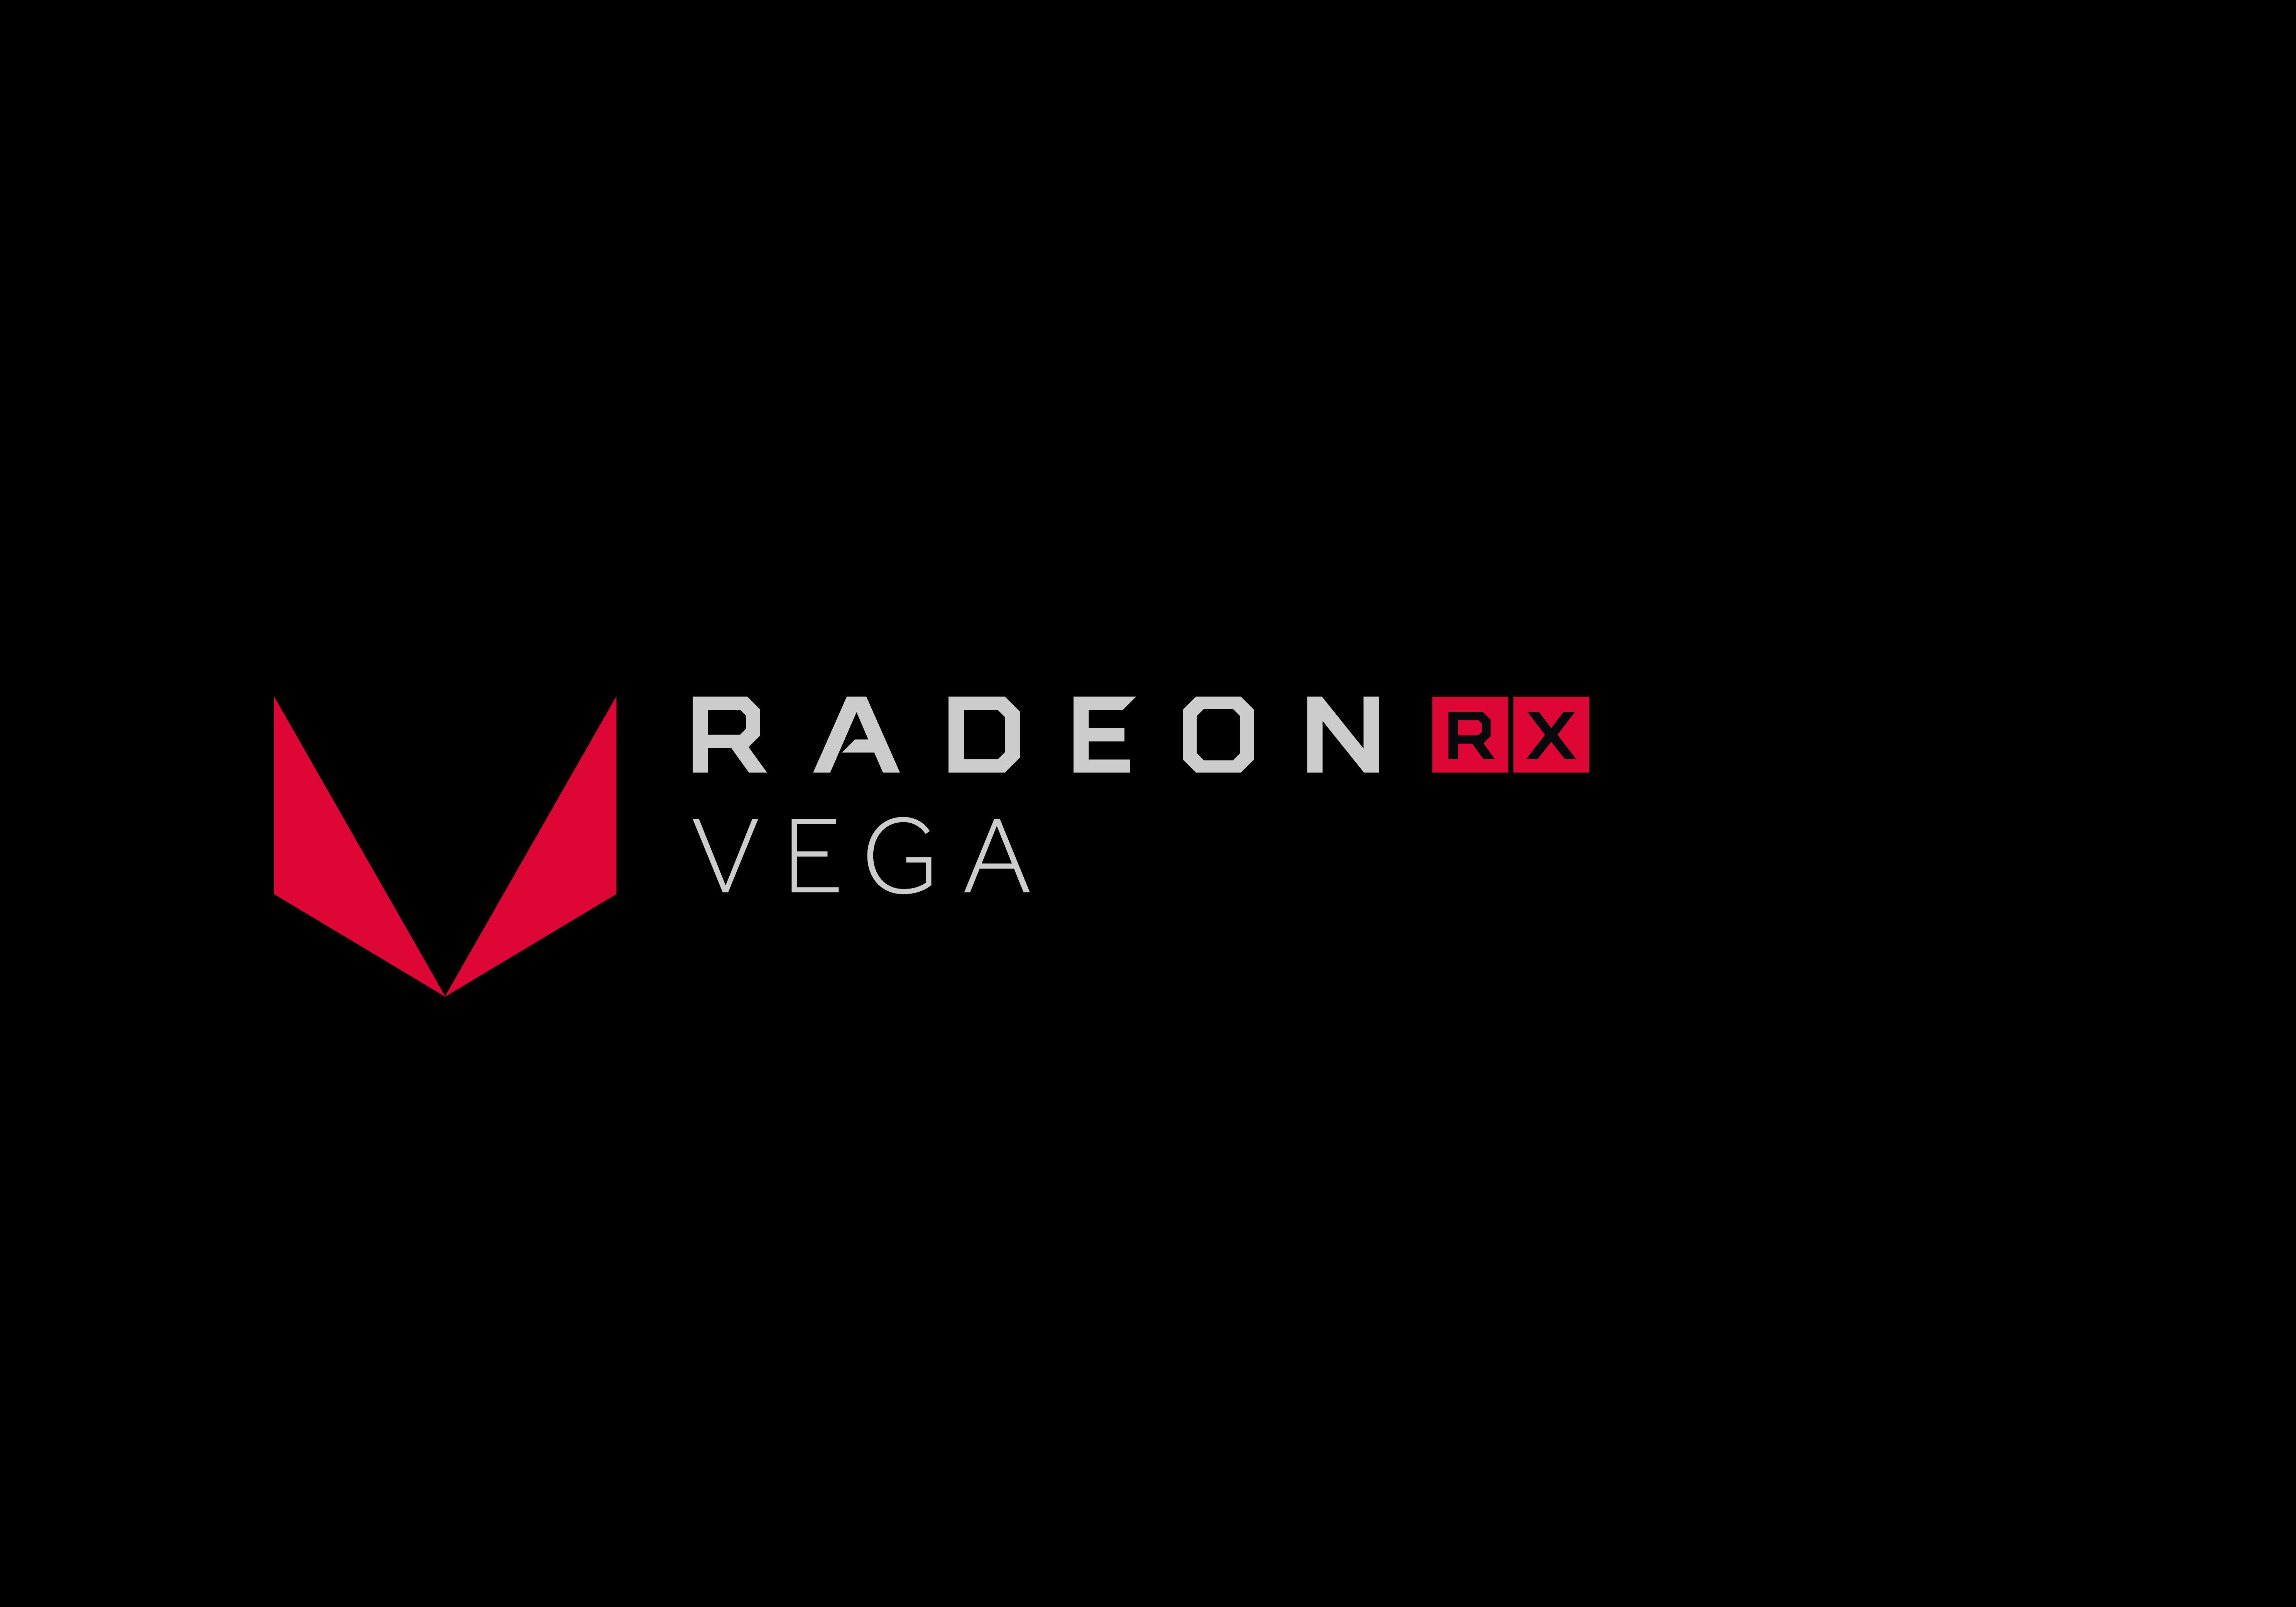 AMD și Bethesda  Softworks încheie un parteneriat  ce va propulsa gaming-ul în viitor